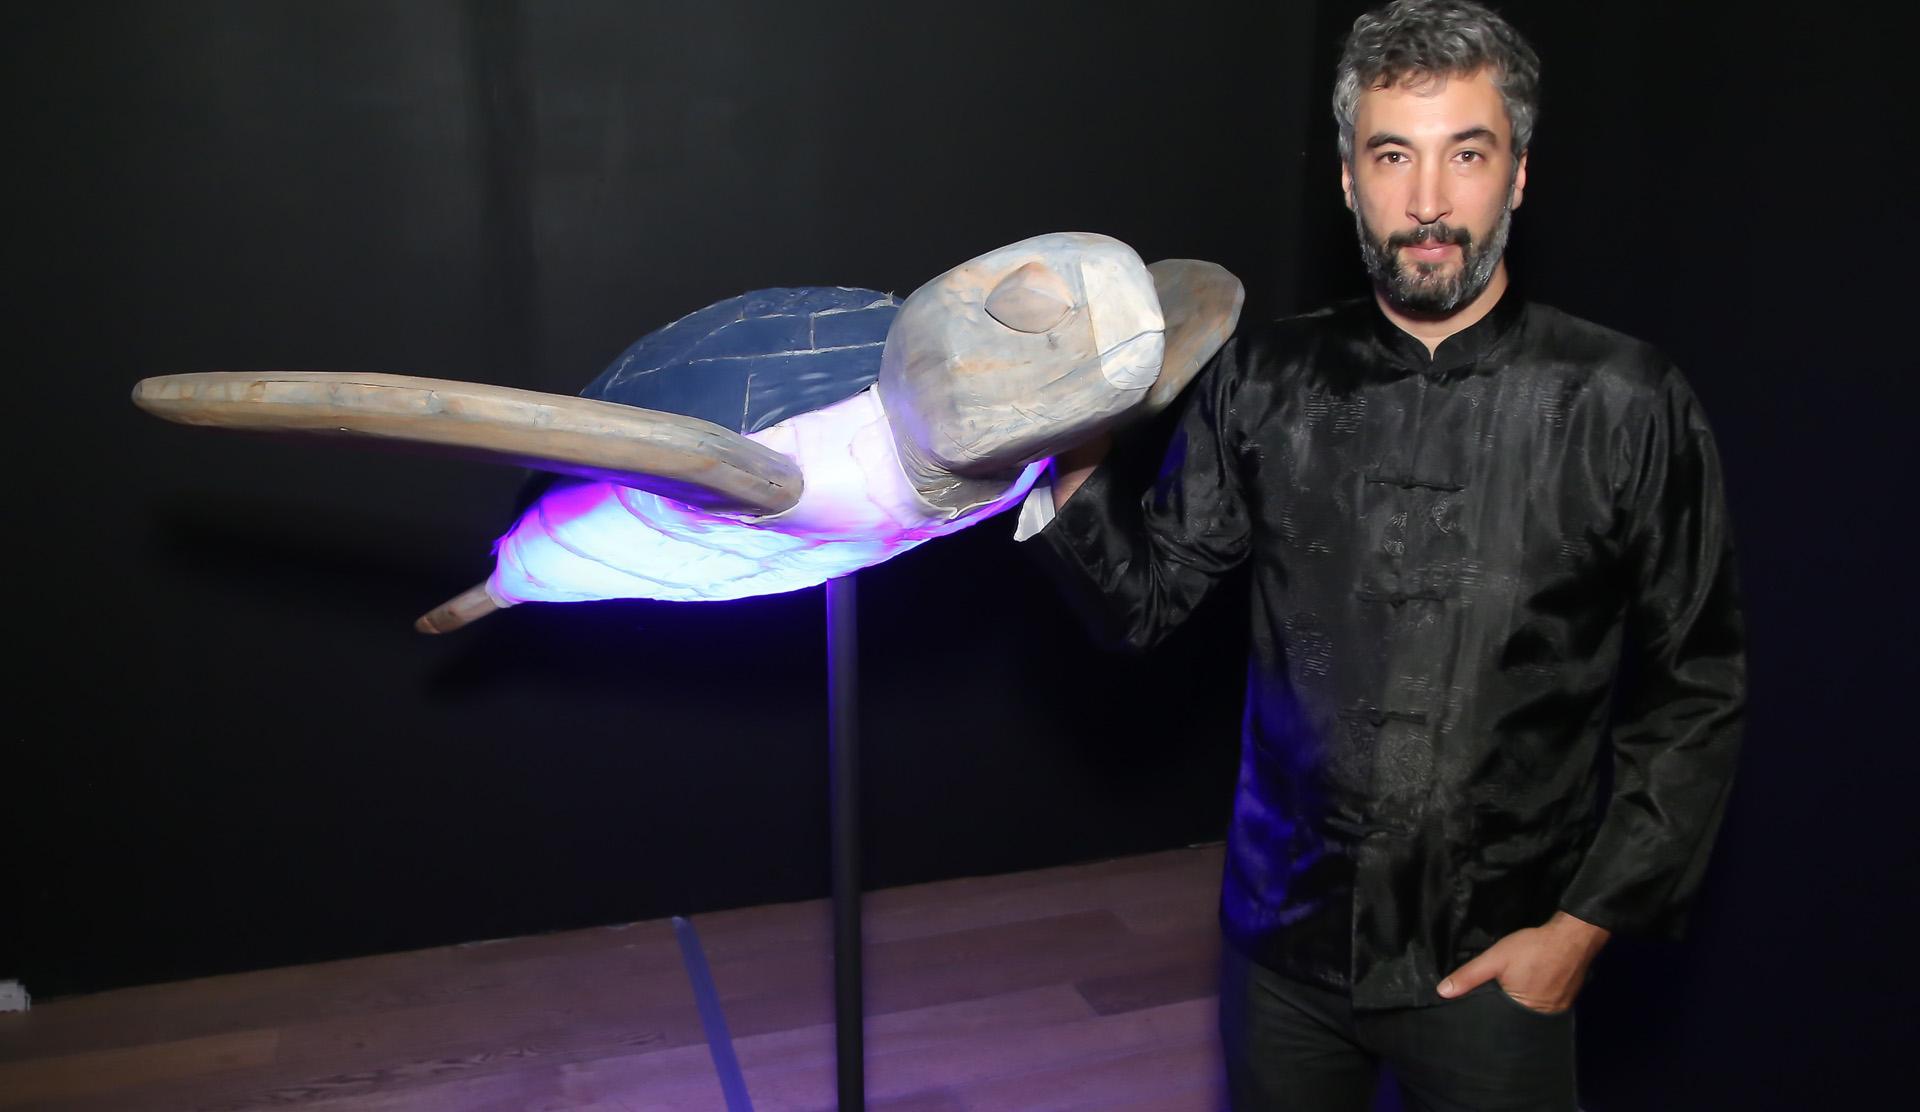 El artista Federico Bacher con su obra, que partió de pallets, bandejas de apoyo y sondas para mostrar su interés por la ciencia